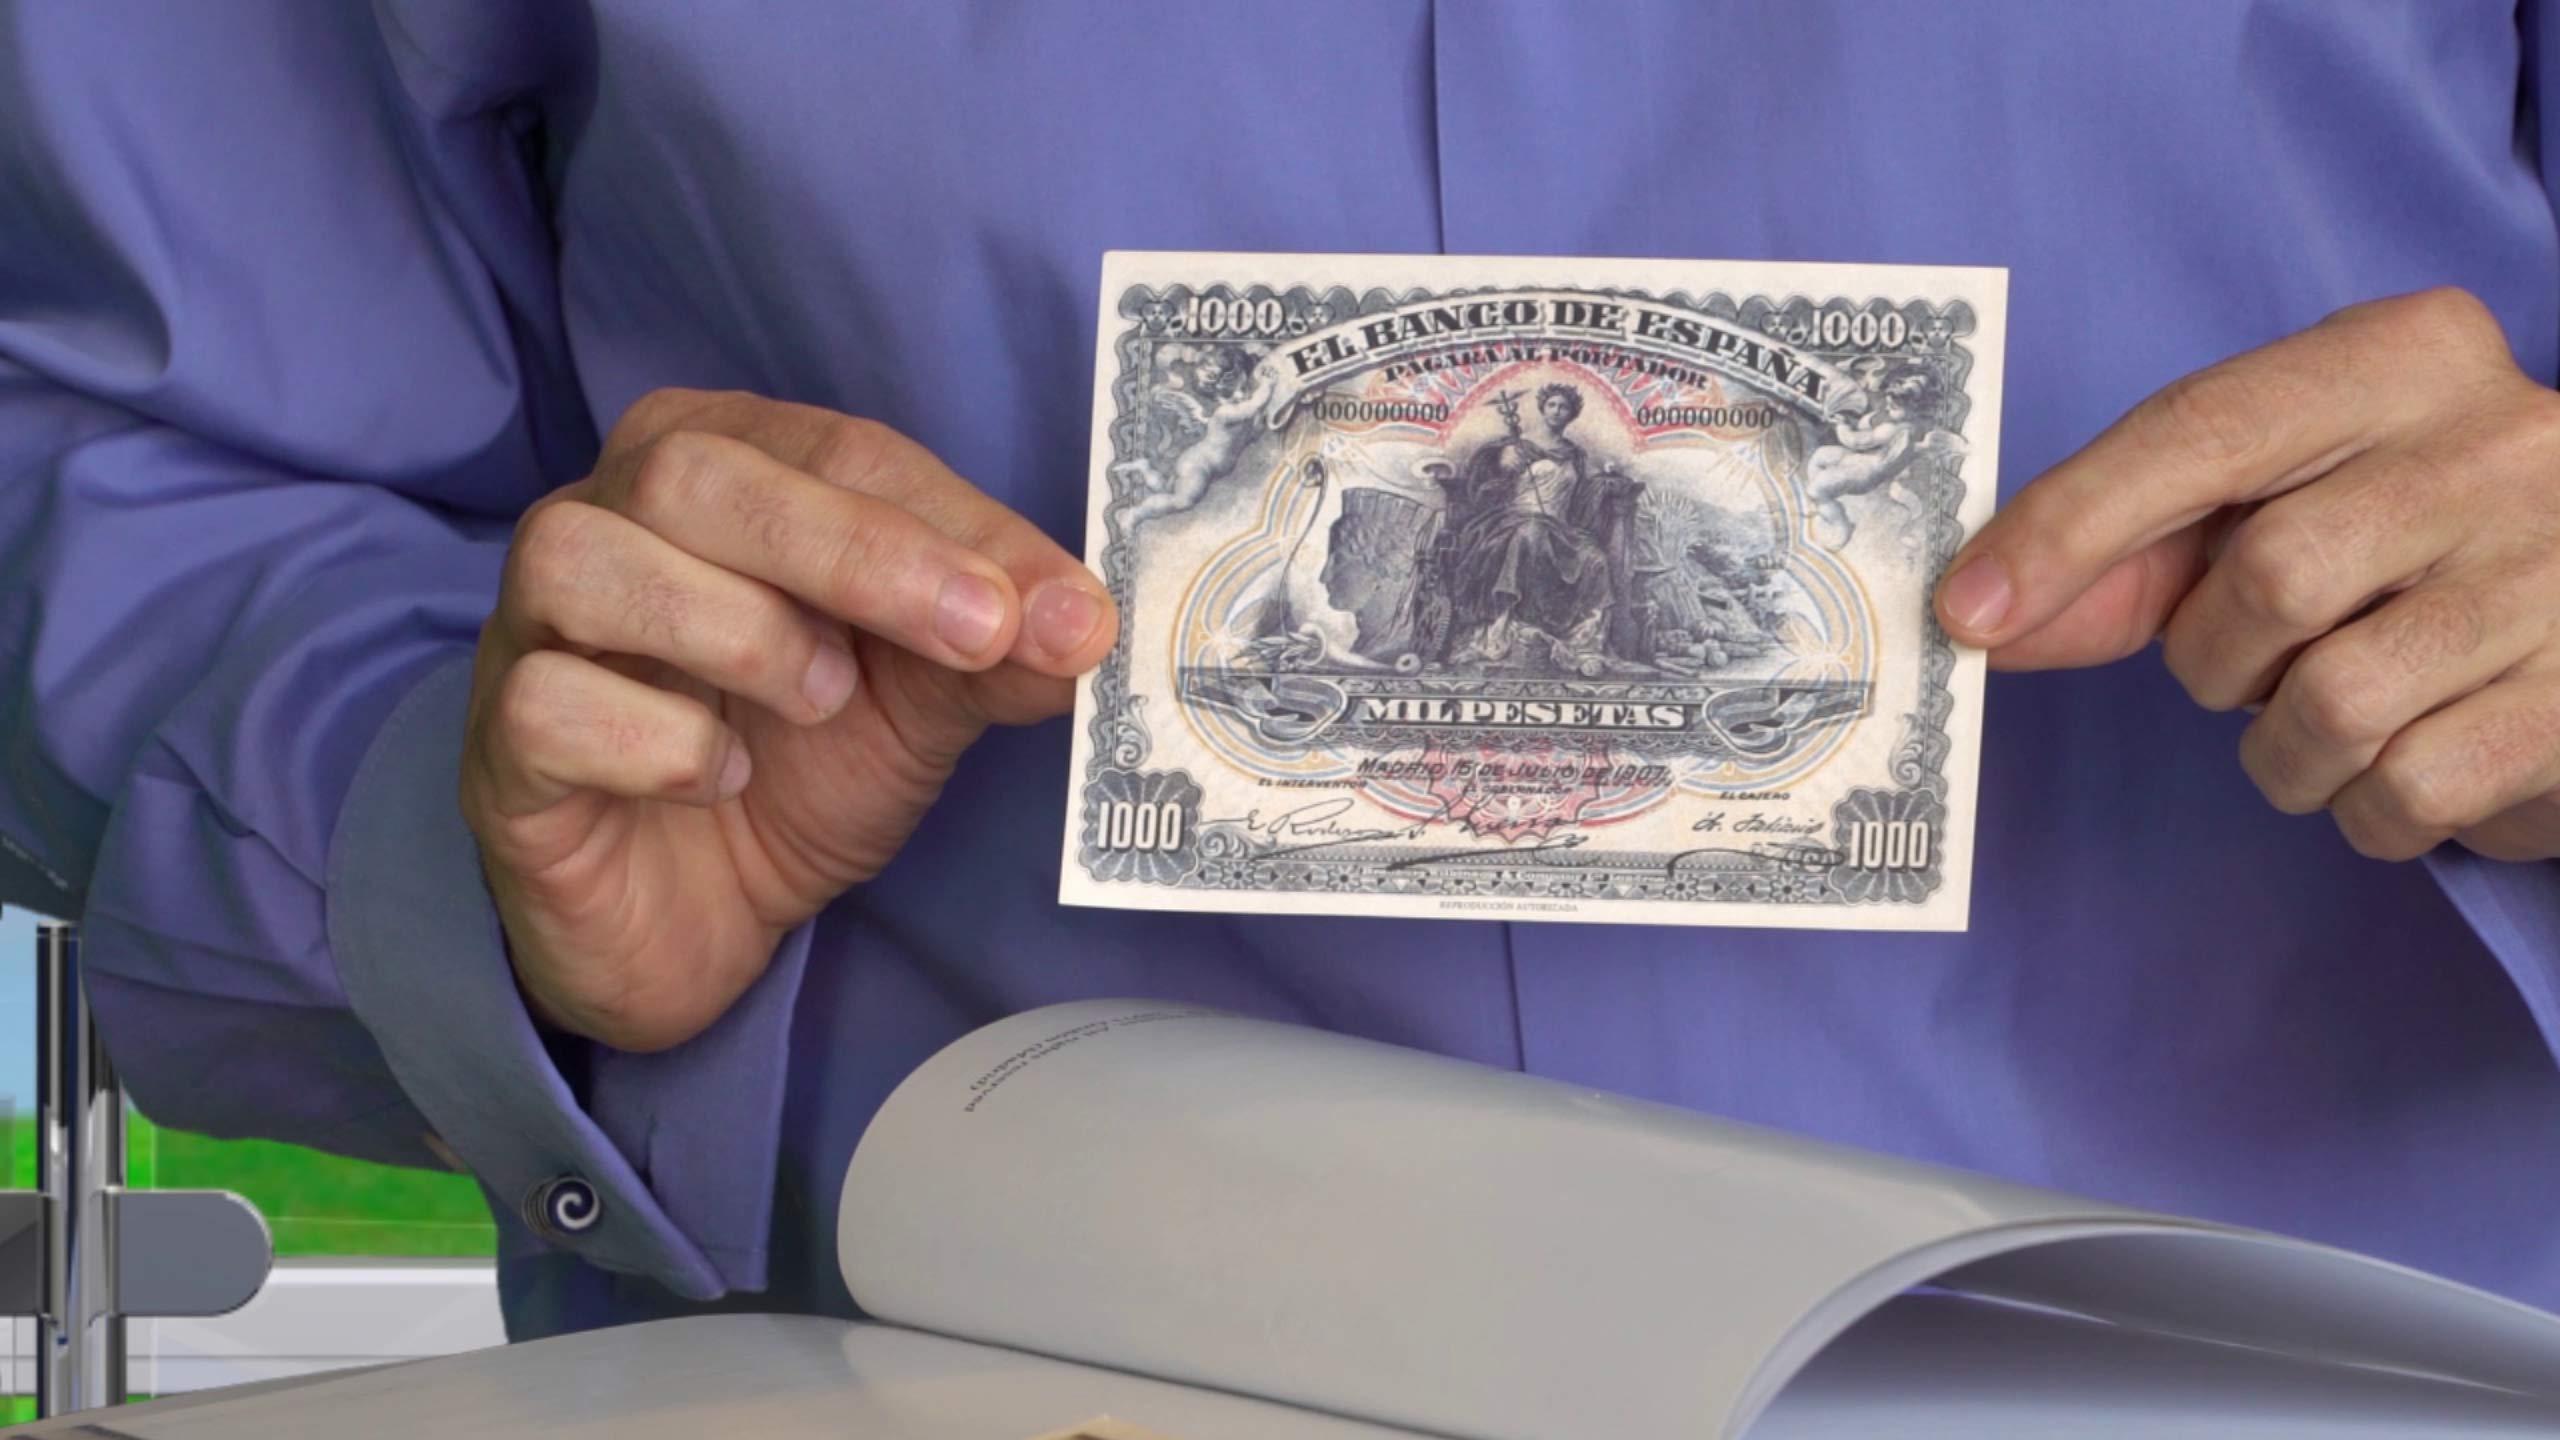 159 billetes de peseta emitidos en una reproducción fiel y restaurada. Colección Todos los billetes de la peseta. Dinero Antiguo: Amazon.es: Ediciones Macarella, Macarella Ediciones: Libros